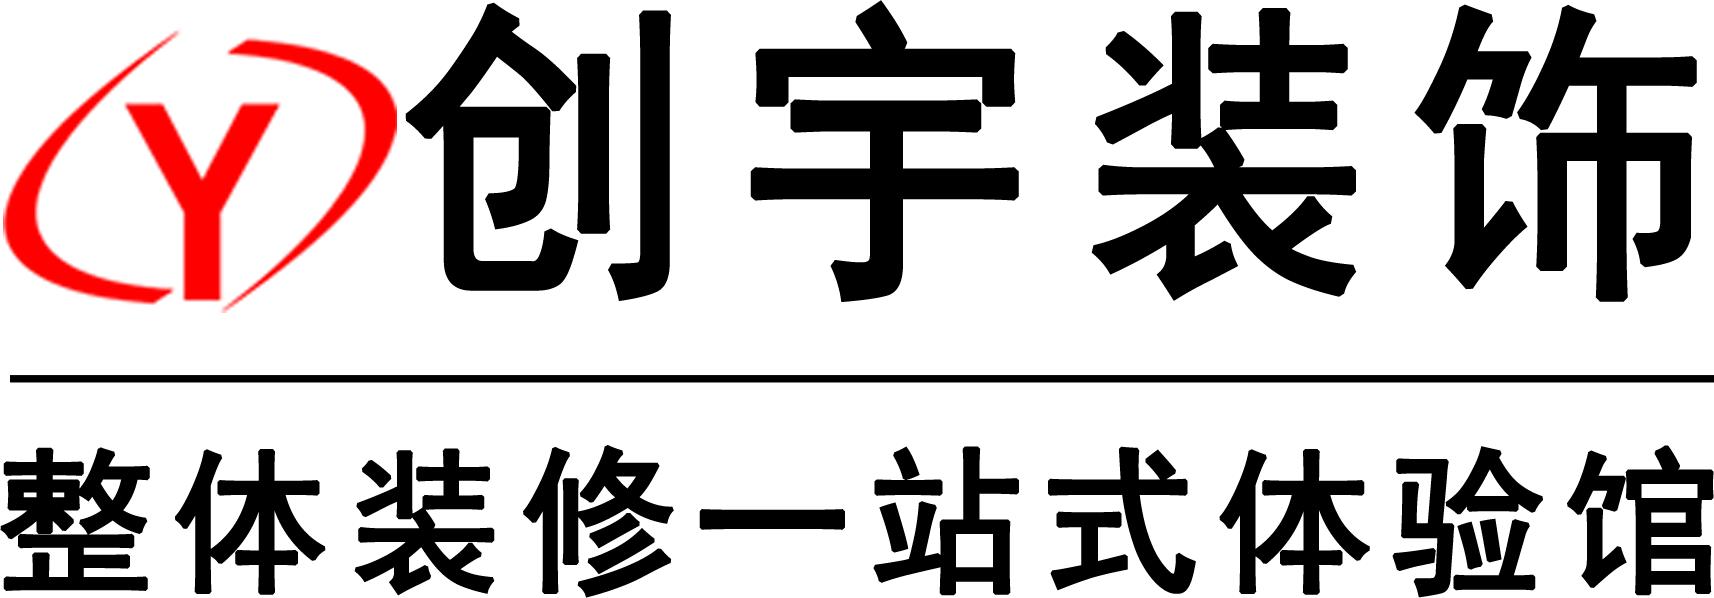 石家庄创宇装饰工程有限公司